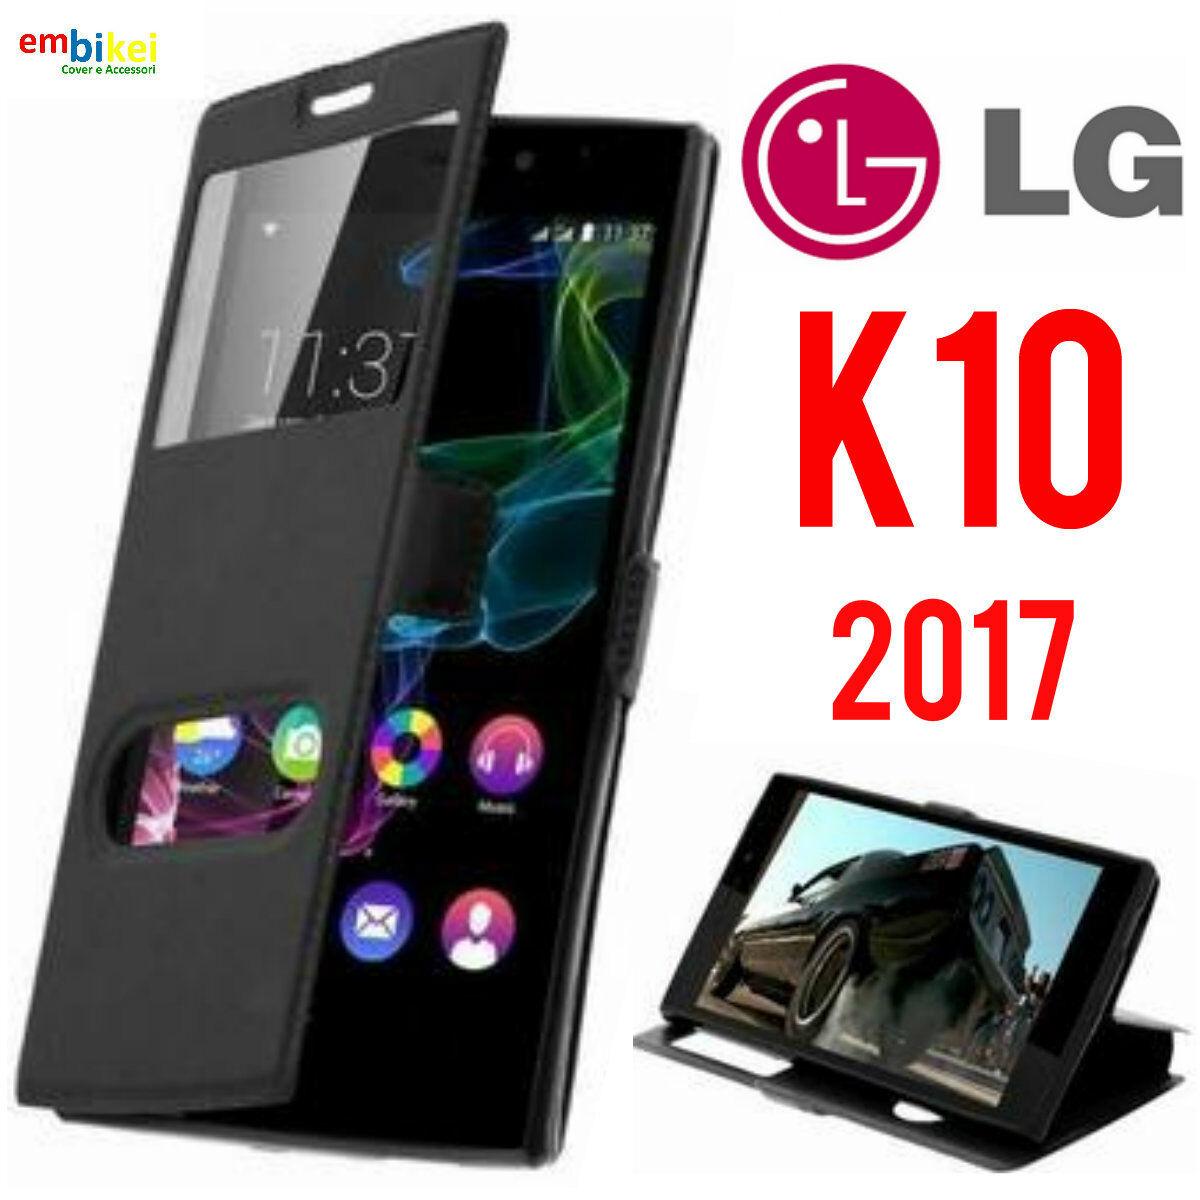 Custodia LG K10 2017 Flip Cover Libro Portafoglio Finestra Doppia Protezione